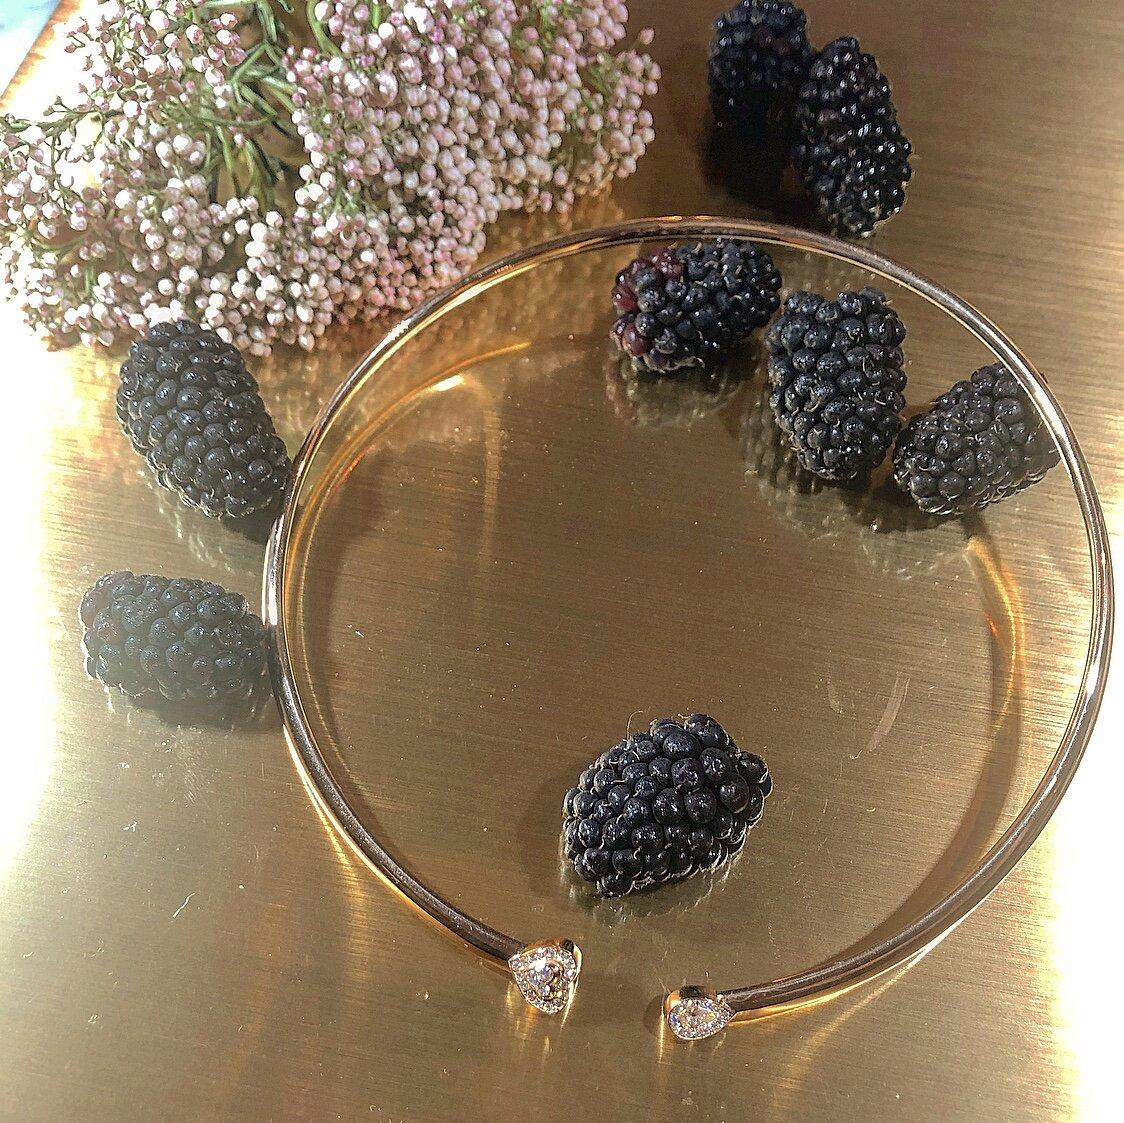 Matthia's & Claire 18K Rose Gold & Diamond Heart Cuff Necklace, $7,395